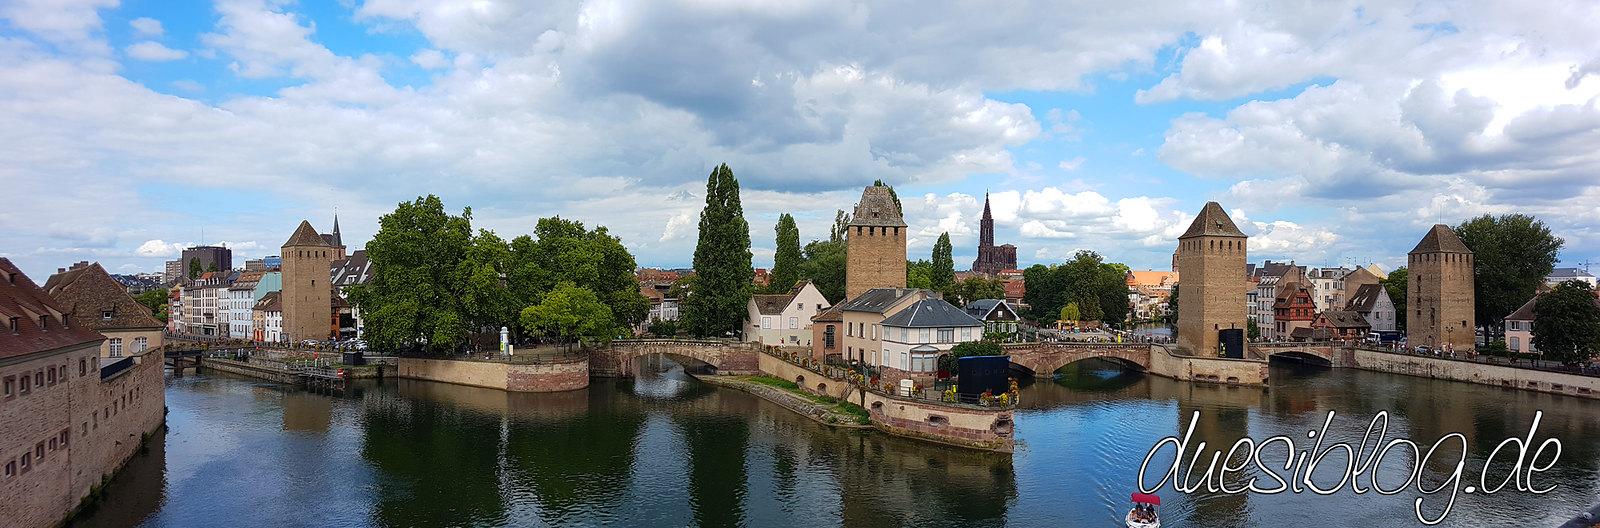 Barrage Vauban Strasbourg duesiblog travelblog 01